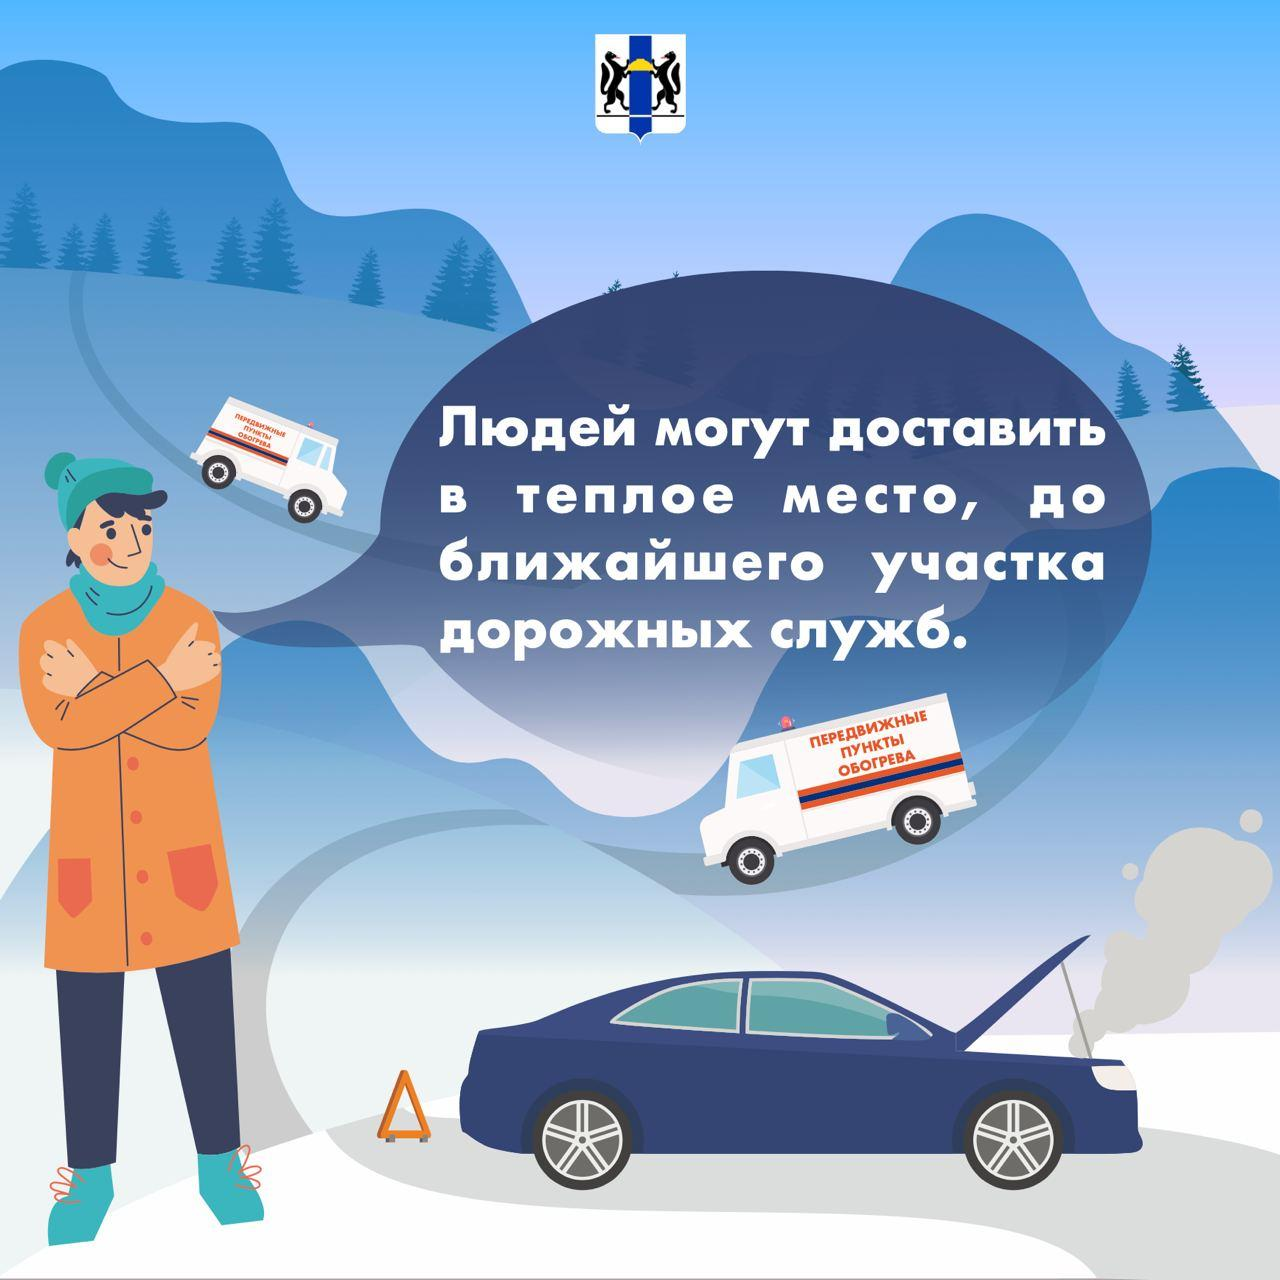 фото Кто поможет в мороз на трассе: полезная информация в картинках от новосибирского правительства 5